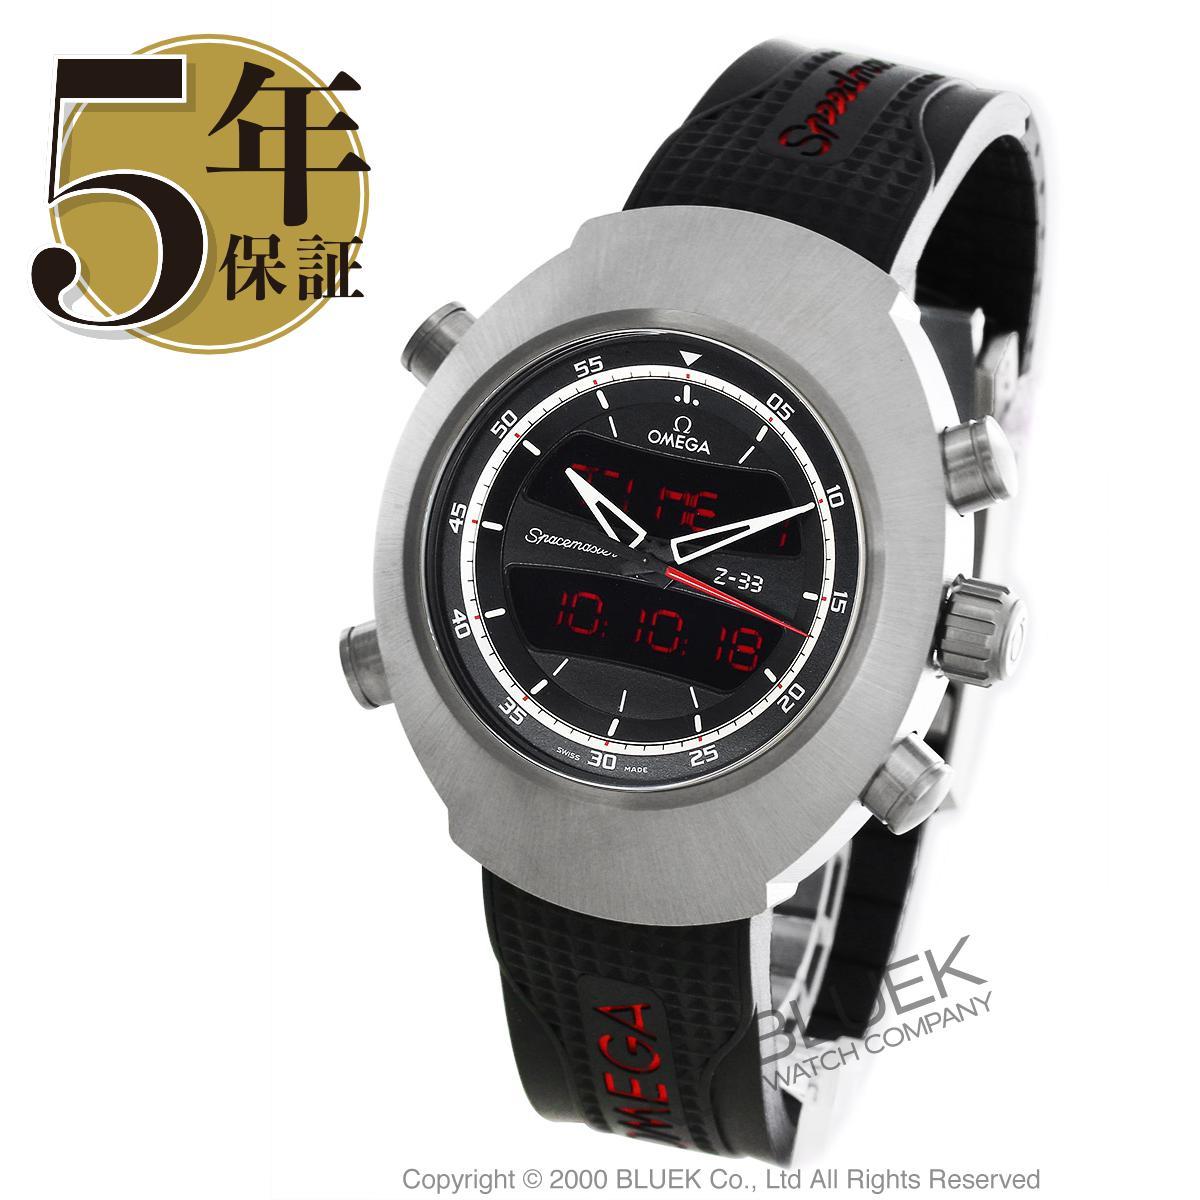 オメガ スピードマスター スペースマスター Z-33 クロノグラフ 腕時計 メンズ OMEGA 325.92.43.79.01.001_8